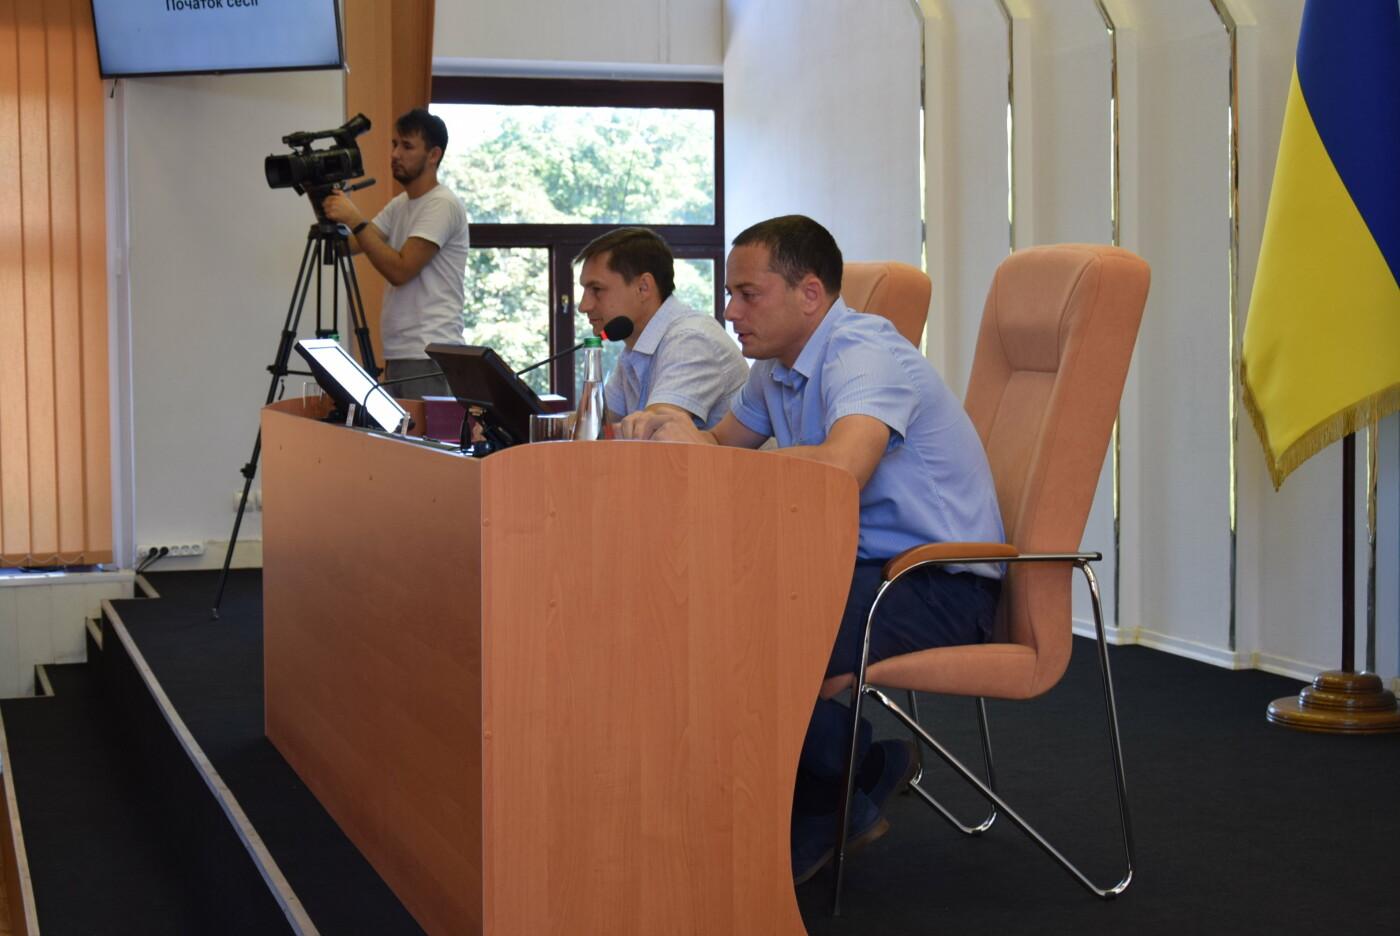 Городской транспорт, водоснабжение и отопление: в Каменском прошла очередная сессия горсовета, фото-1